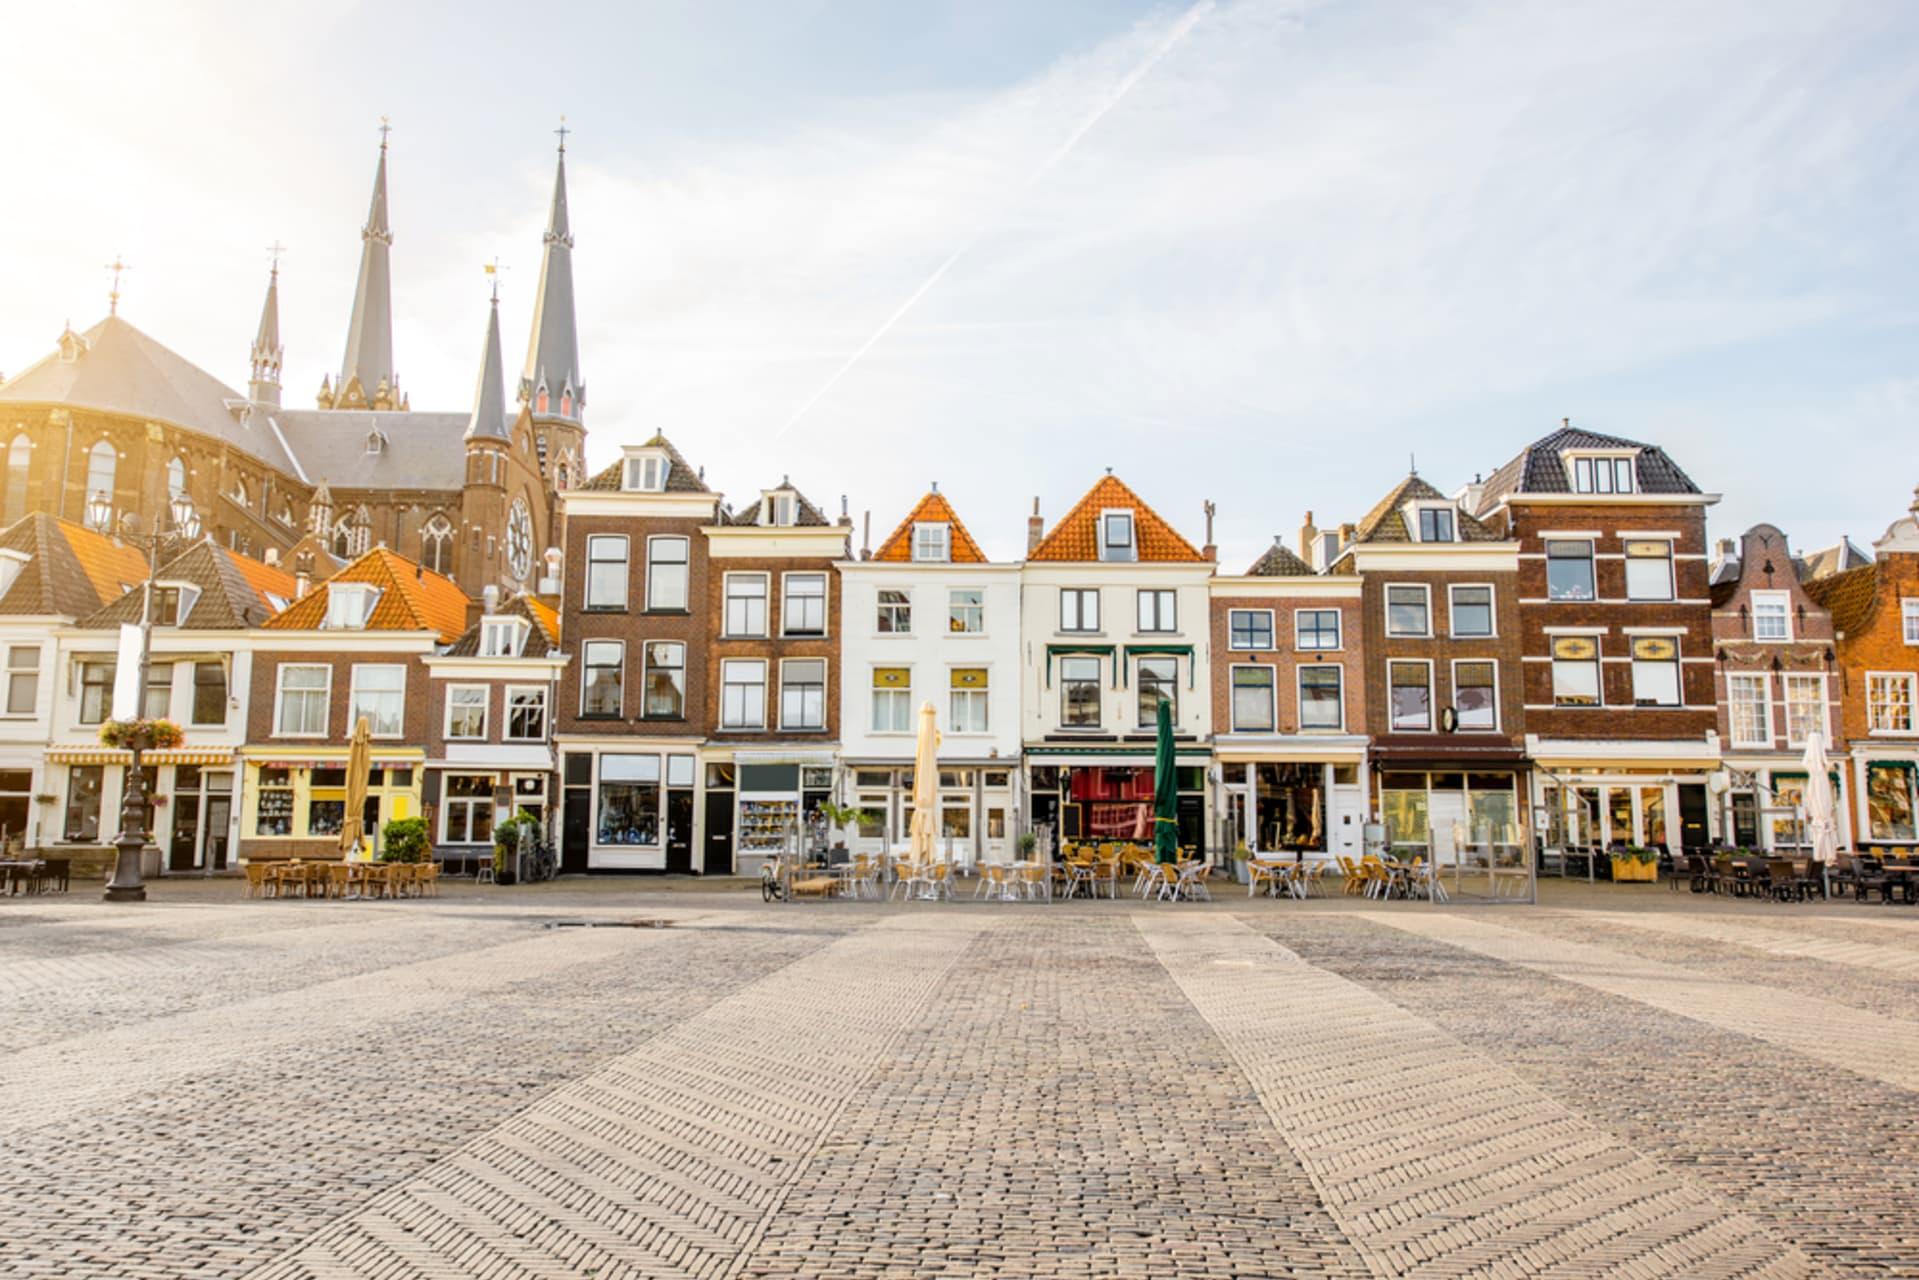 Delft cover image